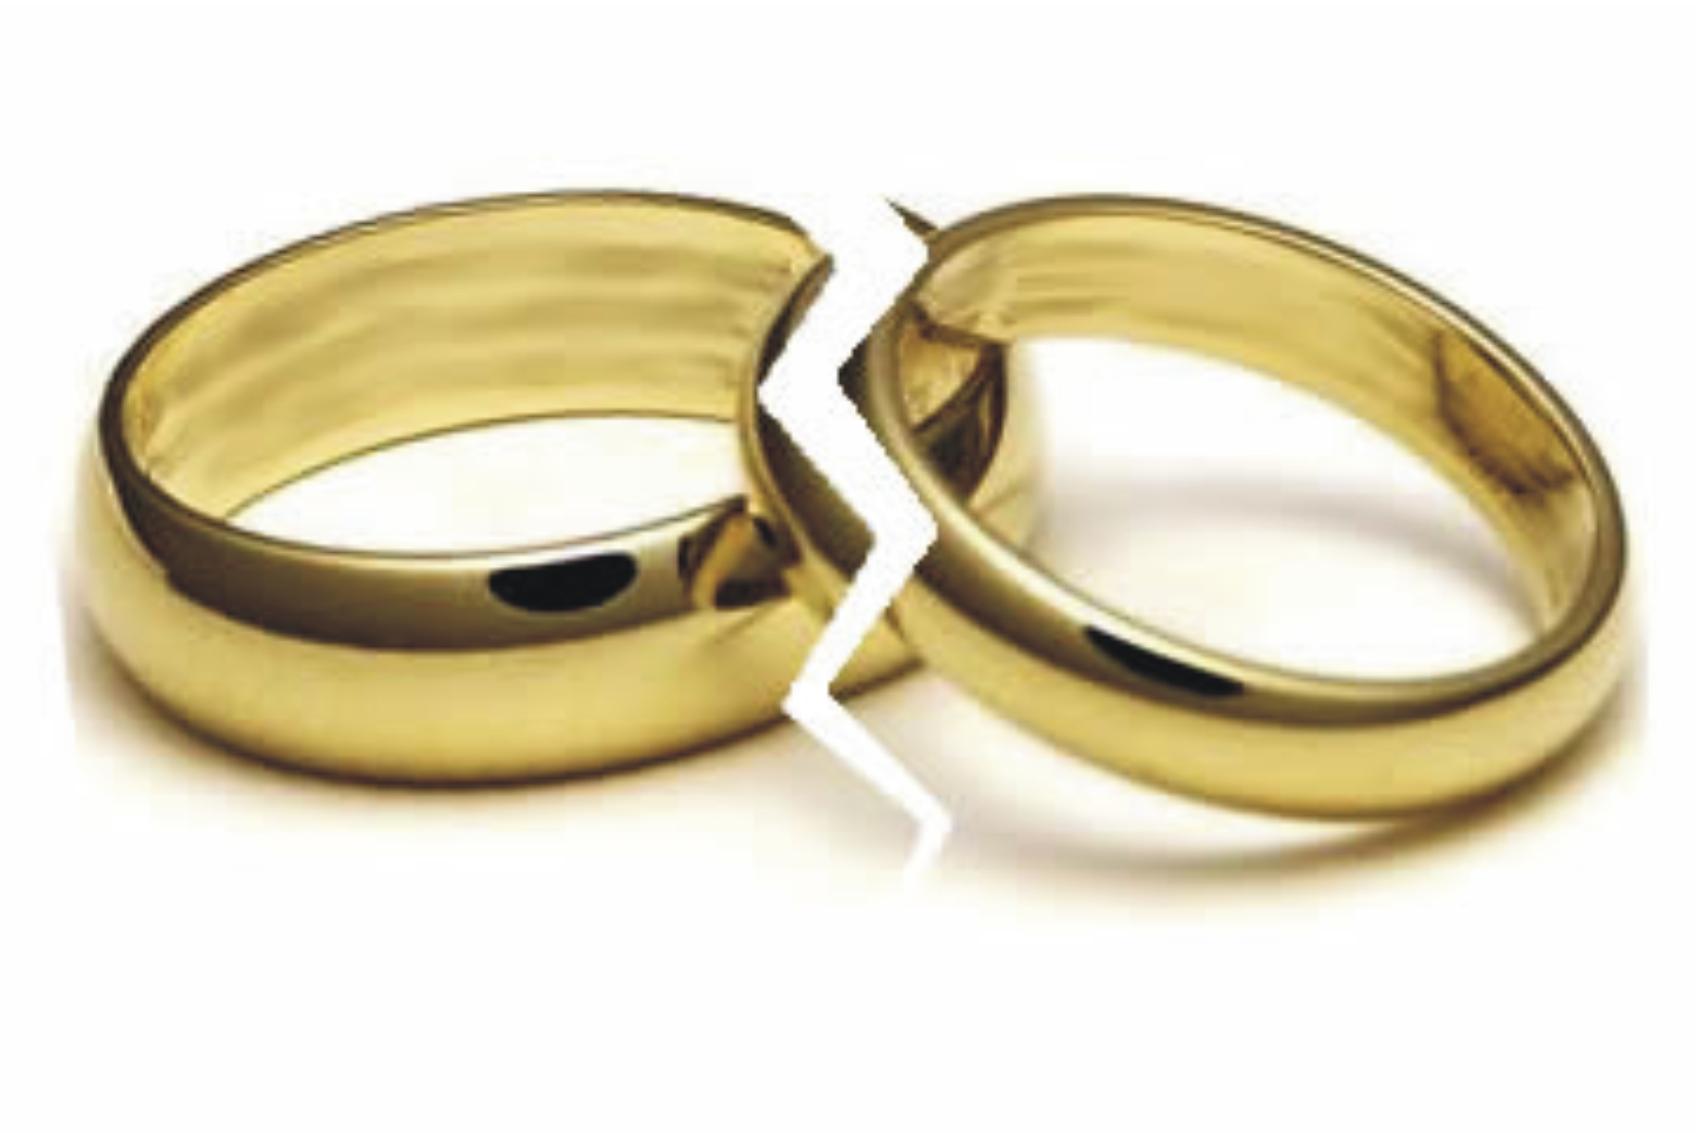 Matrimonio Divorcio Biblia : Index of matrimofam matrimonio divorcio pic